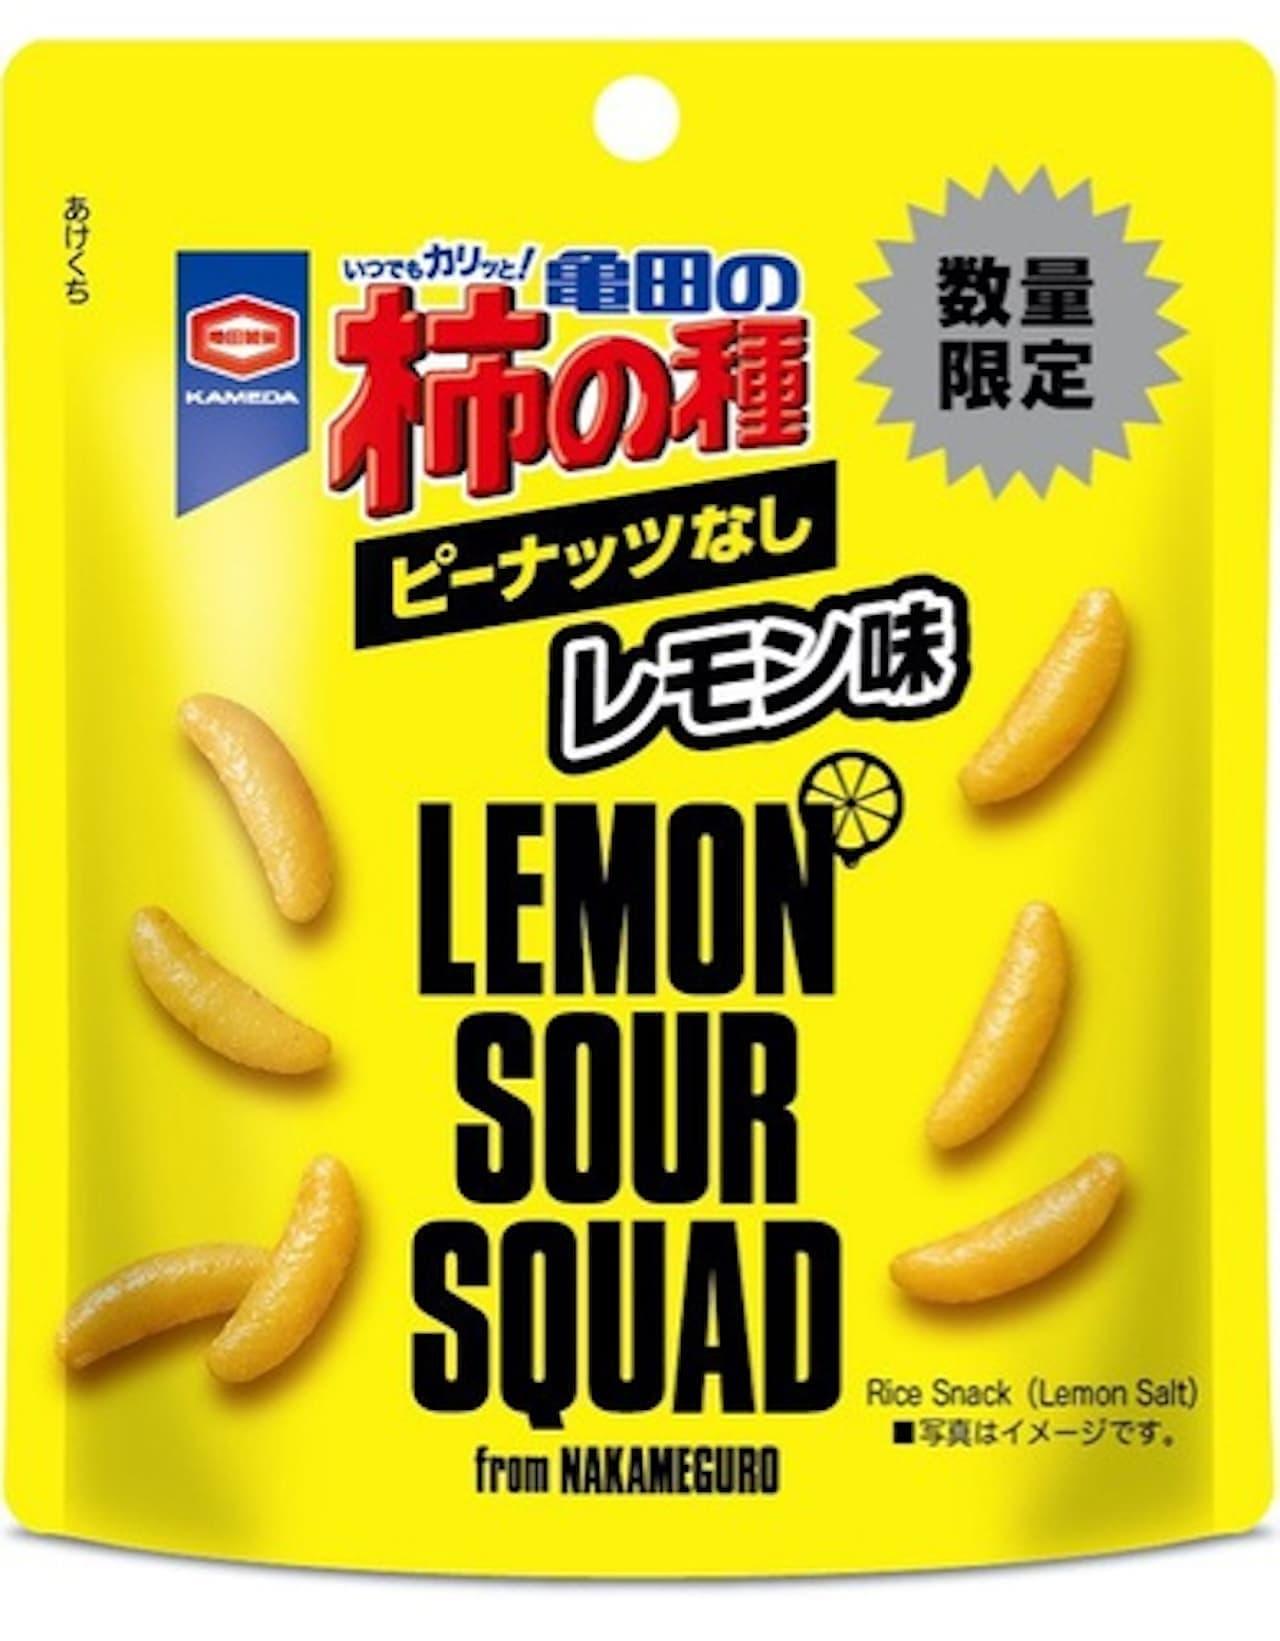 亀田製菓「30g 亀田の柿の種 レモン味 100%」